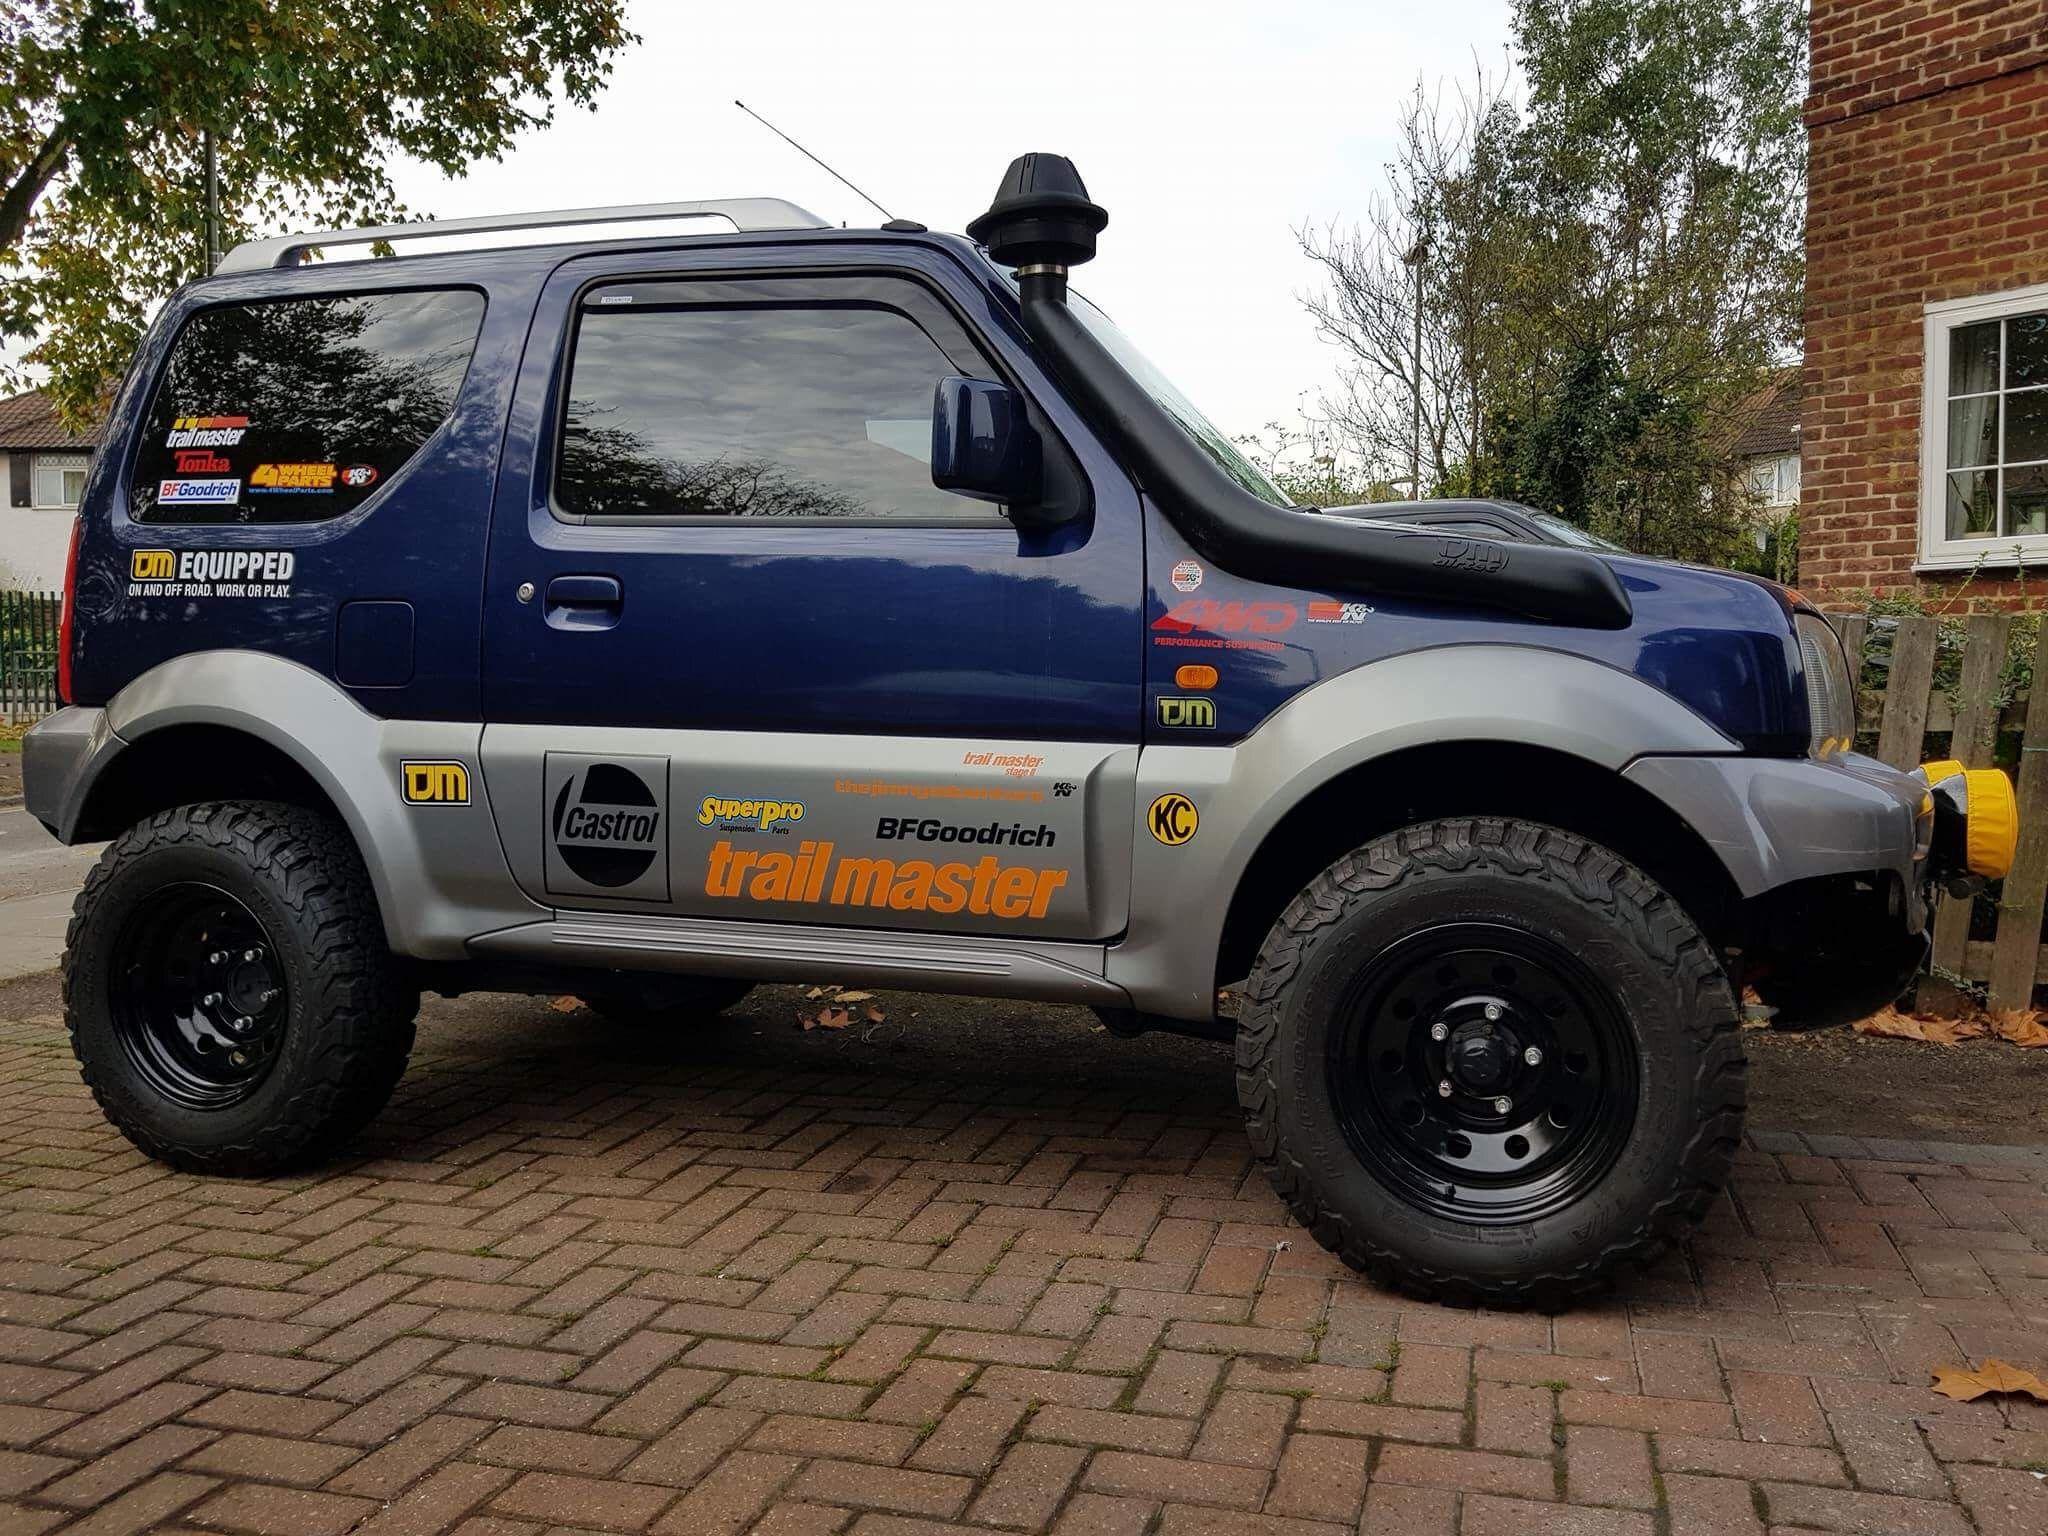 Suzuki Jimny Trimmed Bumpers Suzuki Jimny Trailmaster 2 Lift Bf Goodrich Tjm Snorkel Kc Daylighters